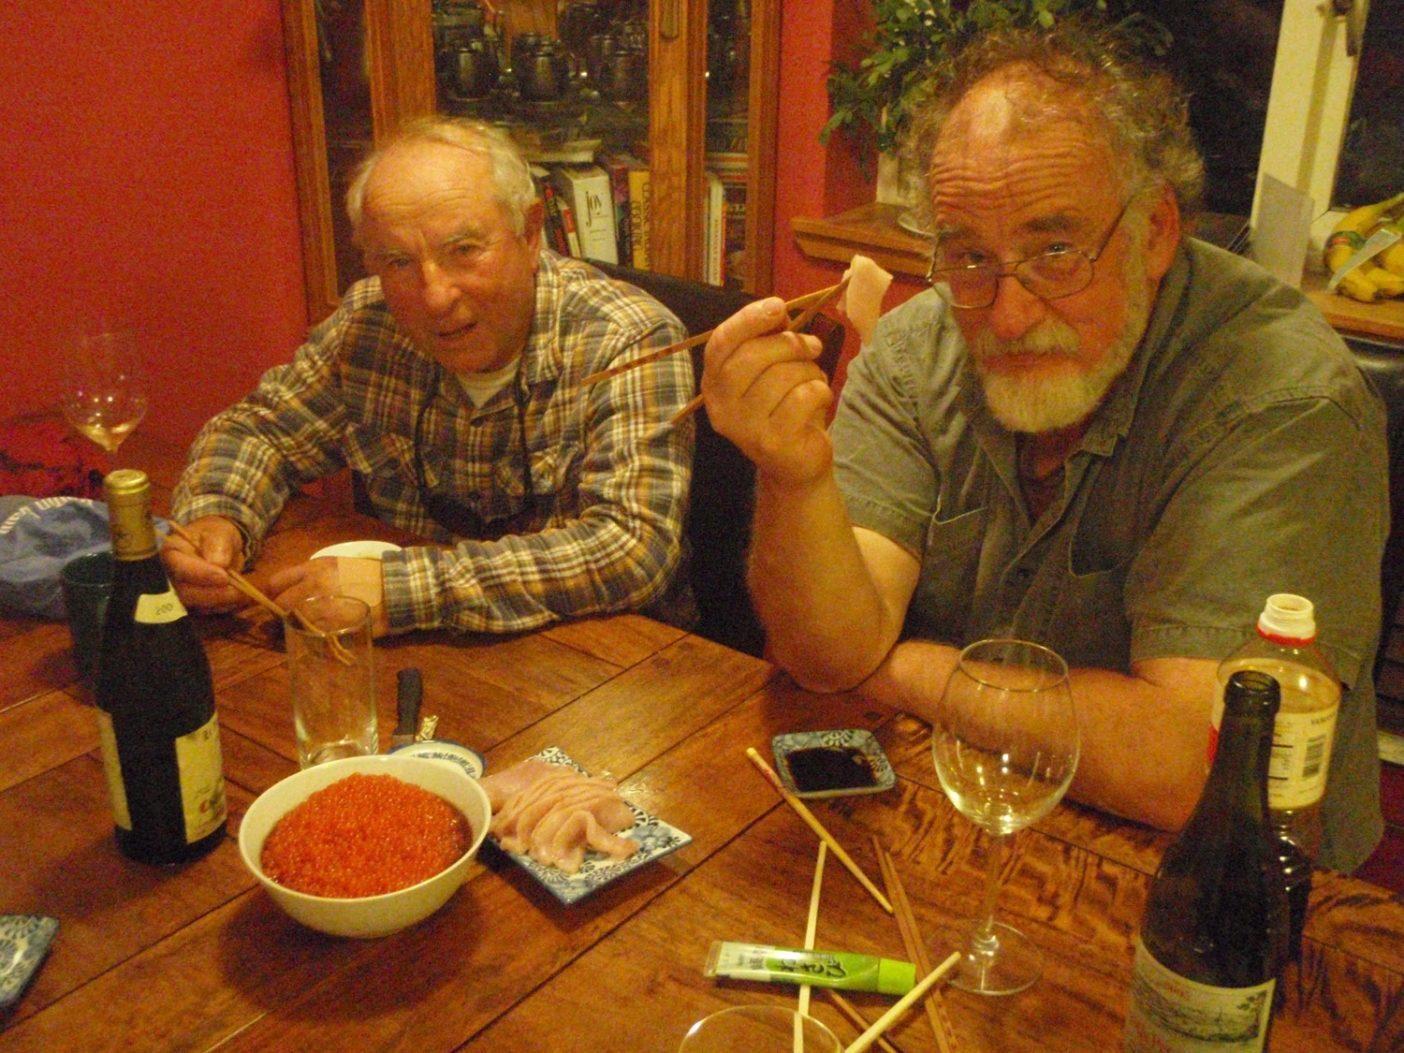 新鮮なイクラと刺身を食べるイヴォンとブルース。 Photo: Dylan Tomine